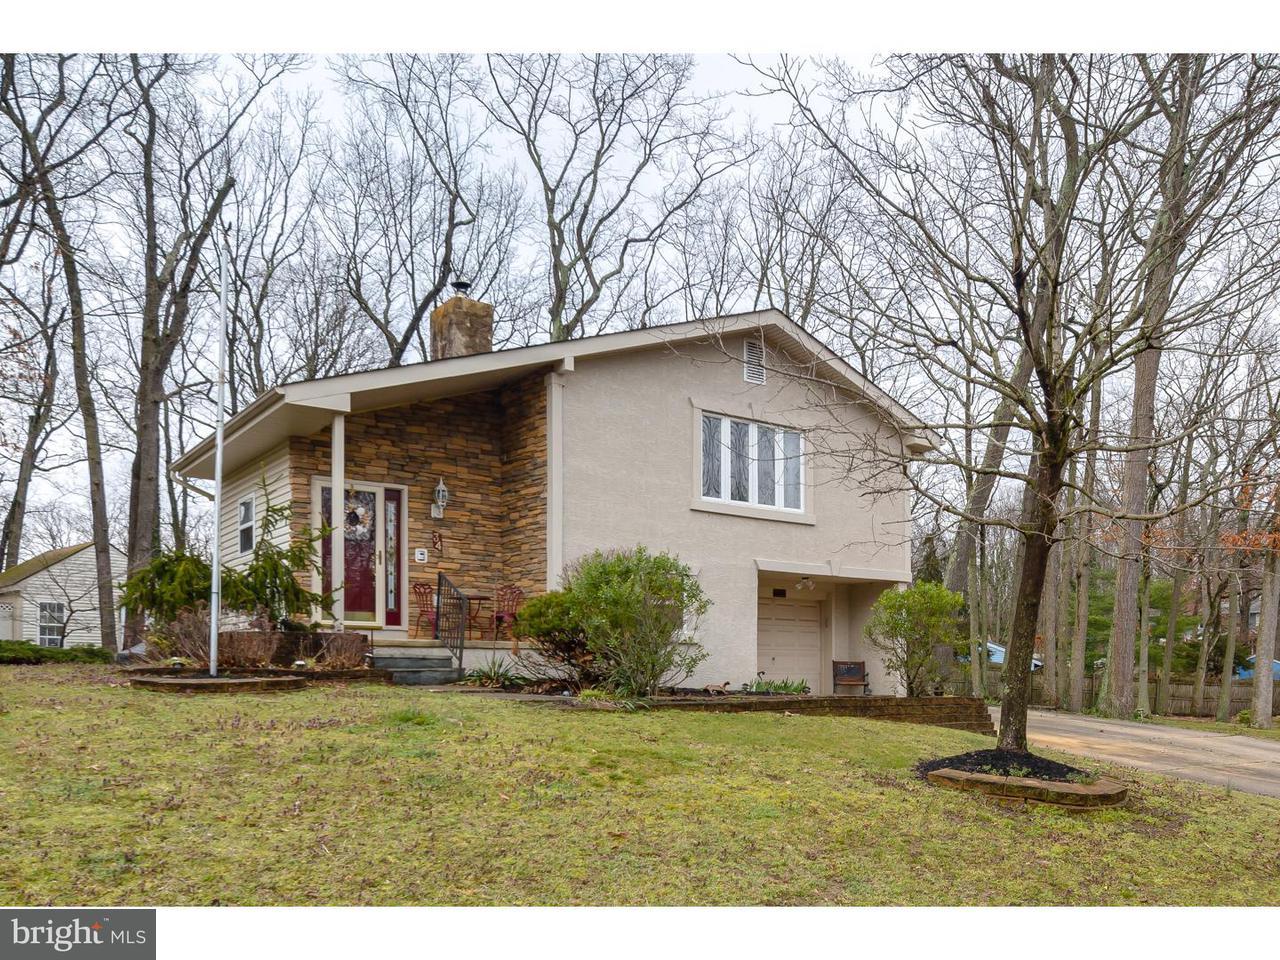 Частный односемейный дом для того Аренда на 34 CEDAR HILL Drive Sicklerville, Нью-Джерси 08081 Соединенные Штаты